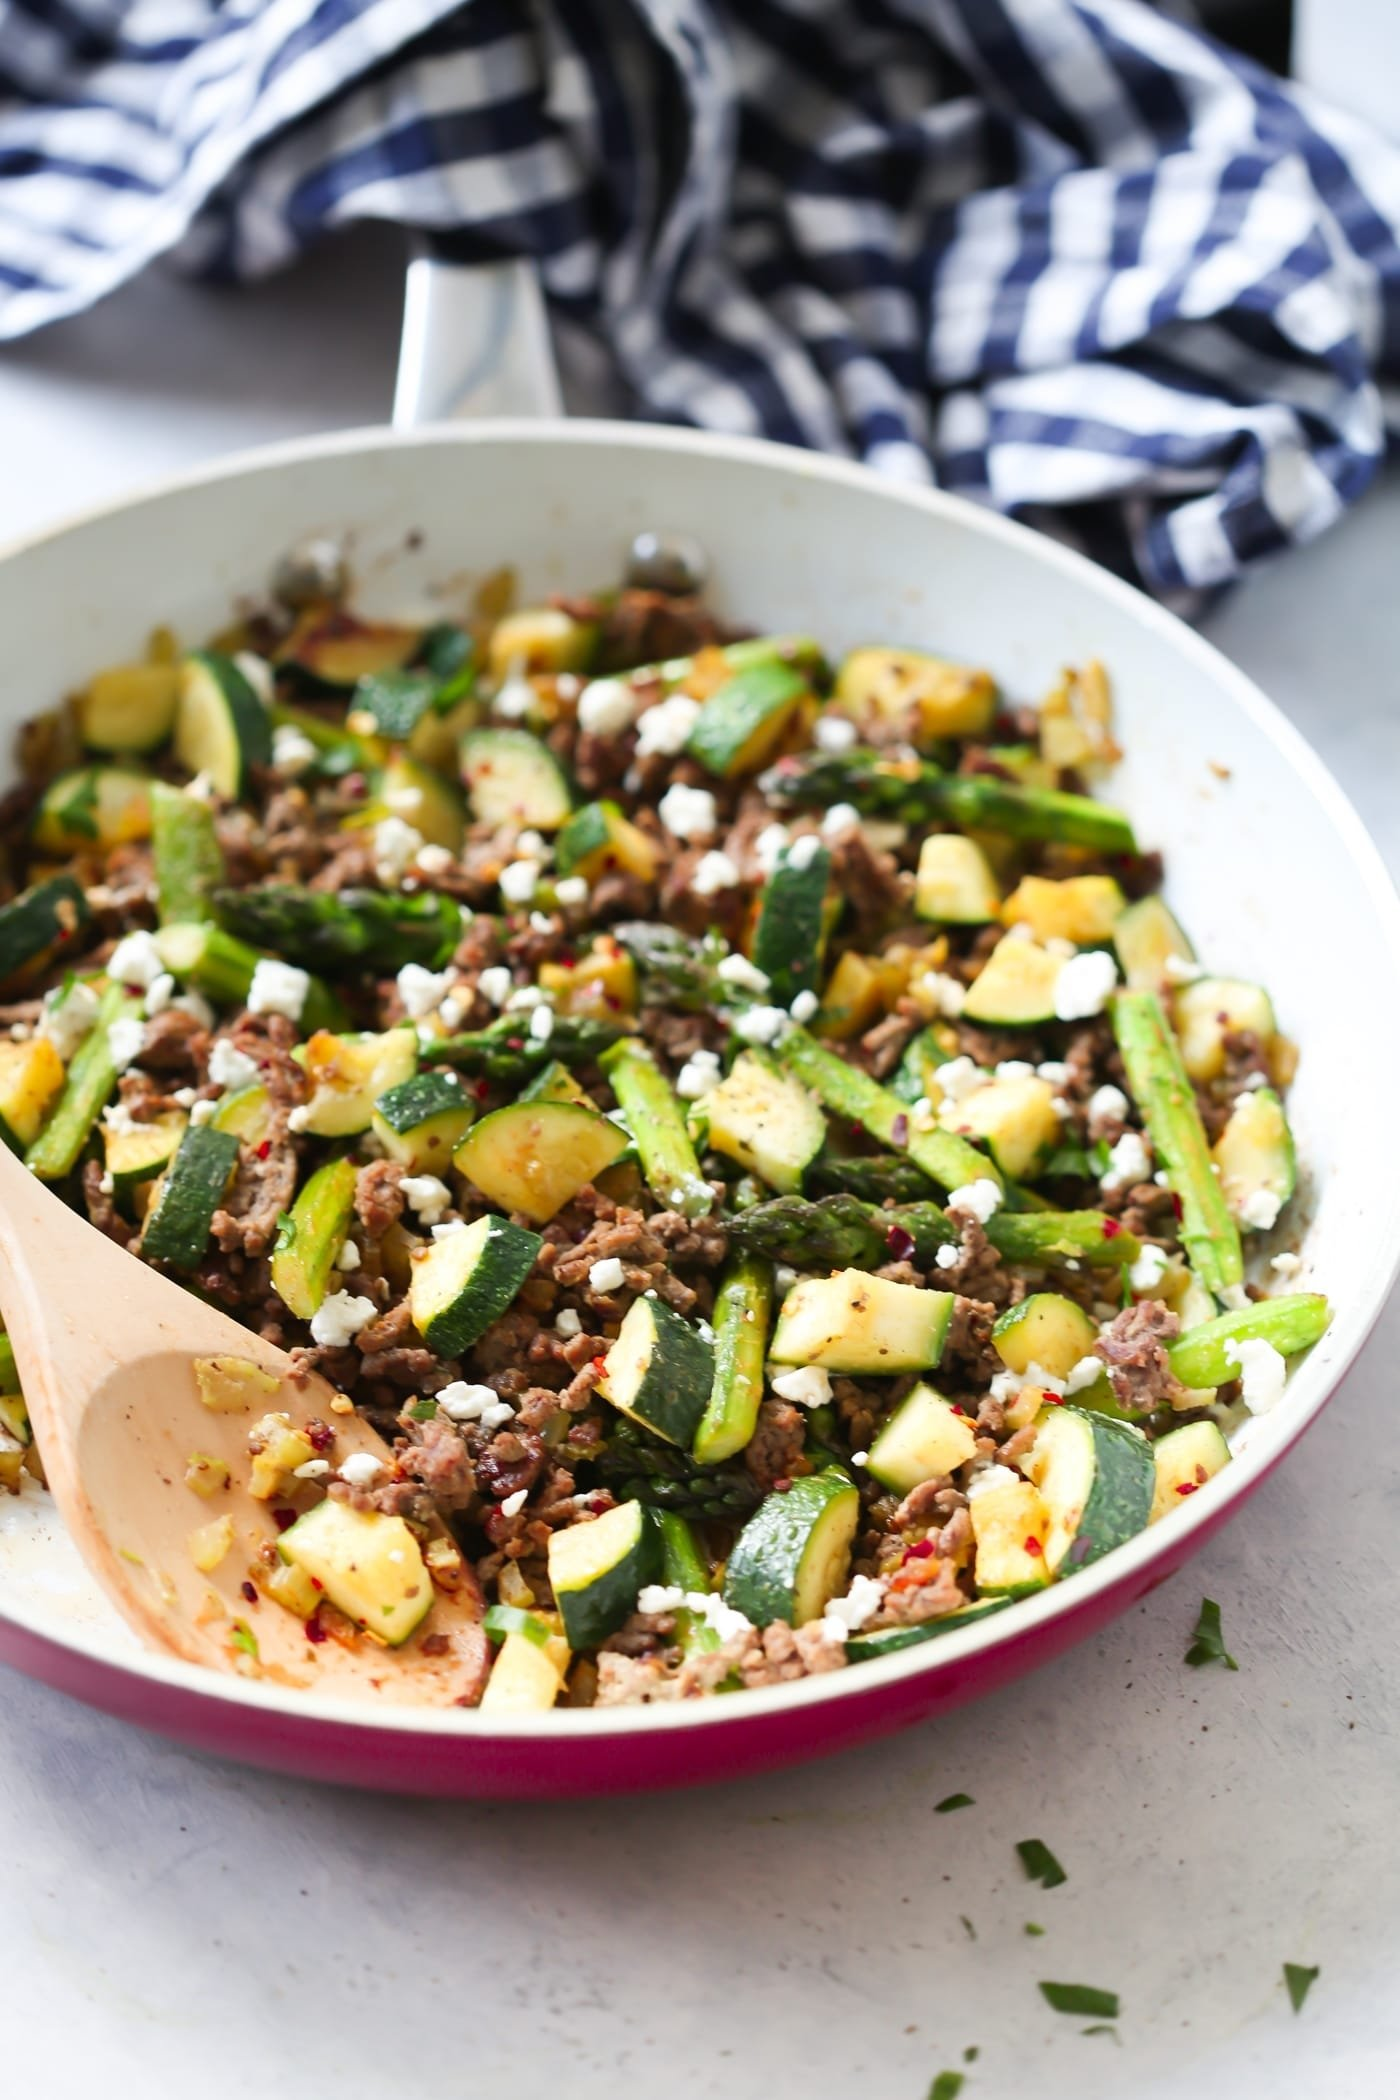 10 Stylish Recipe Ideas For Ground Beef ground beef veggie skillet recipe primavera kitchen 1 2020